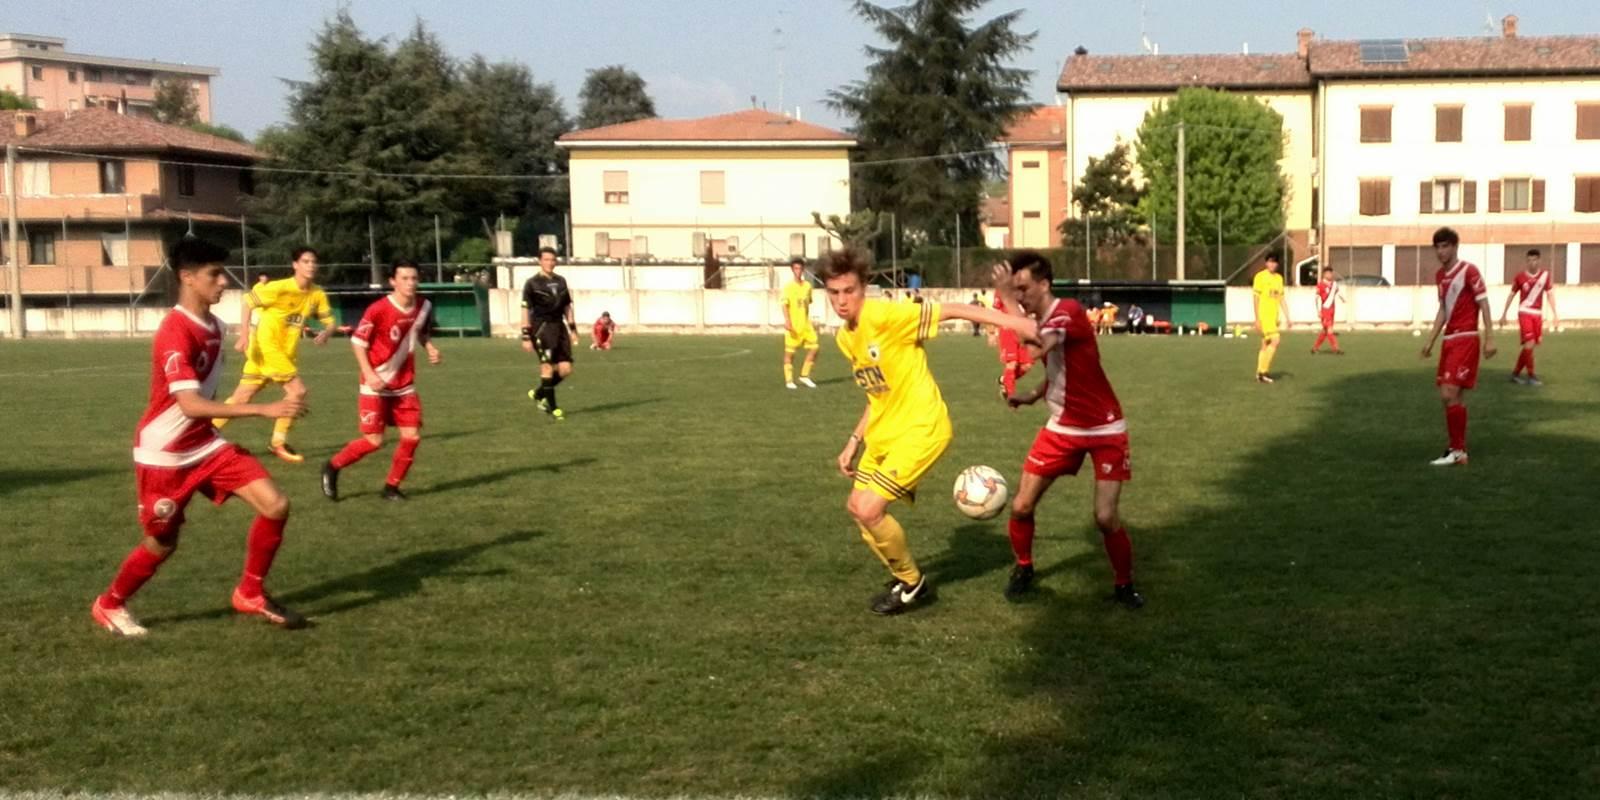 Sassi 27 - U17 Mantova-Formigine 1-0 f09